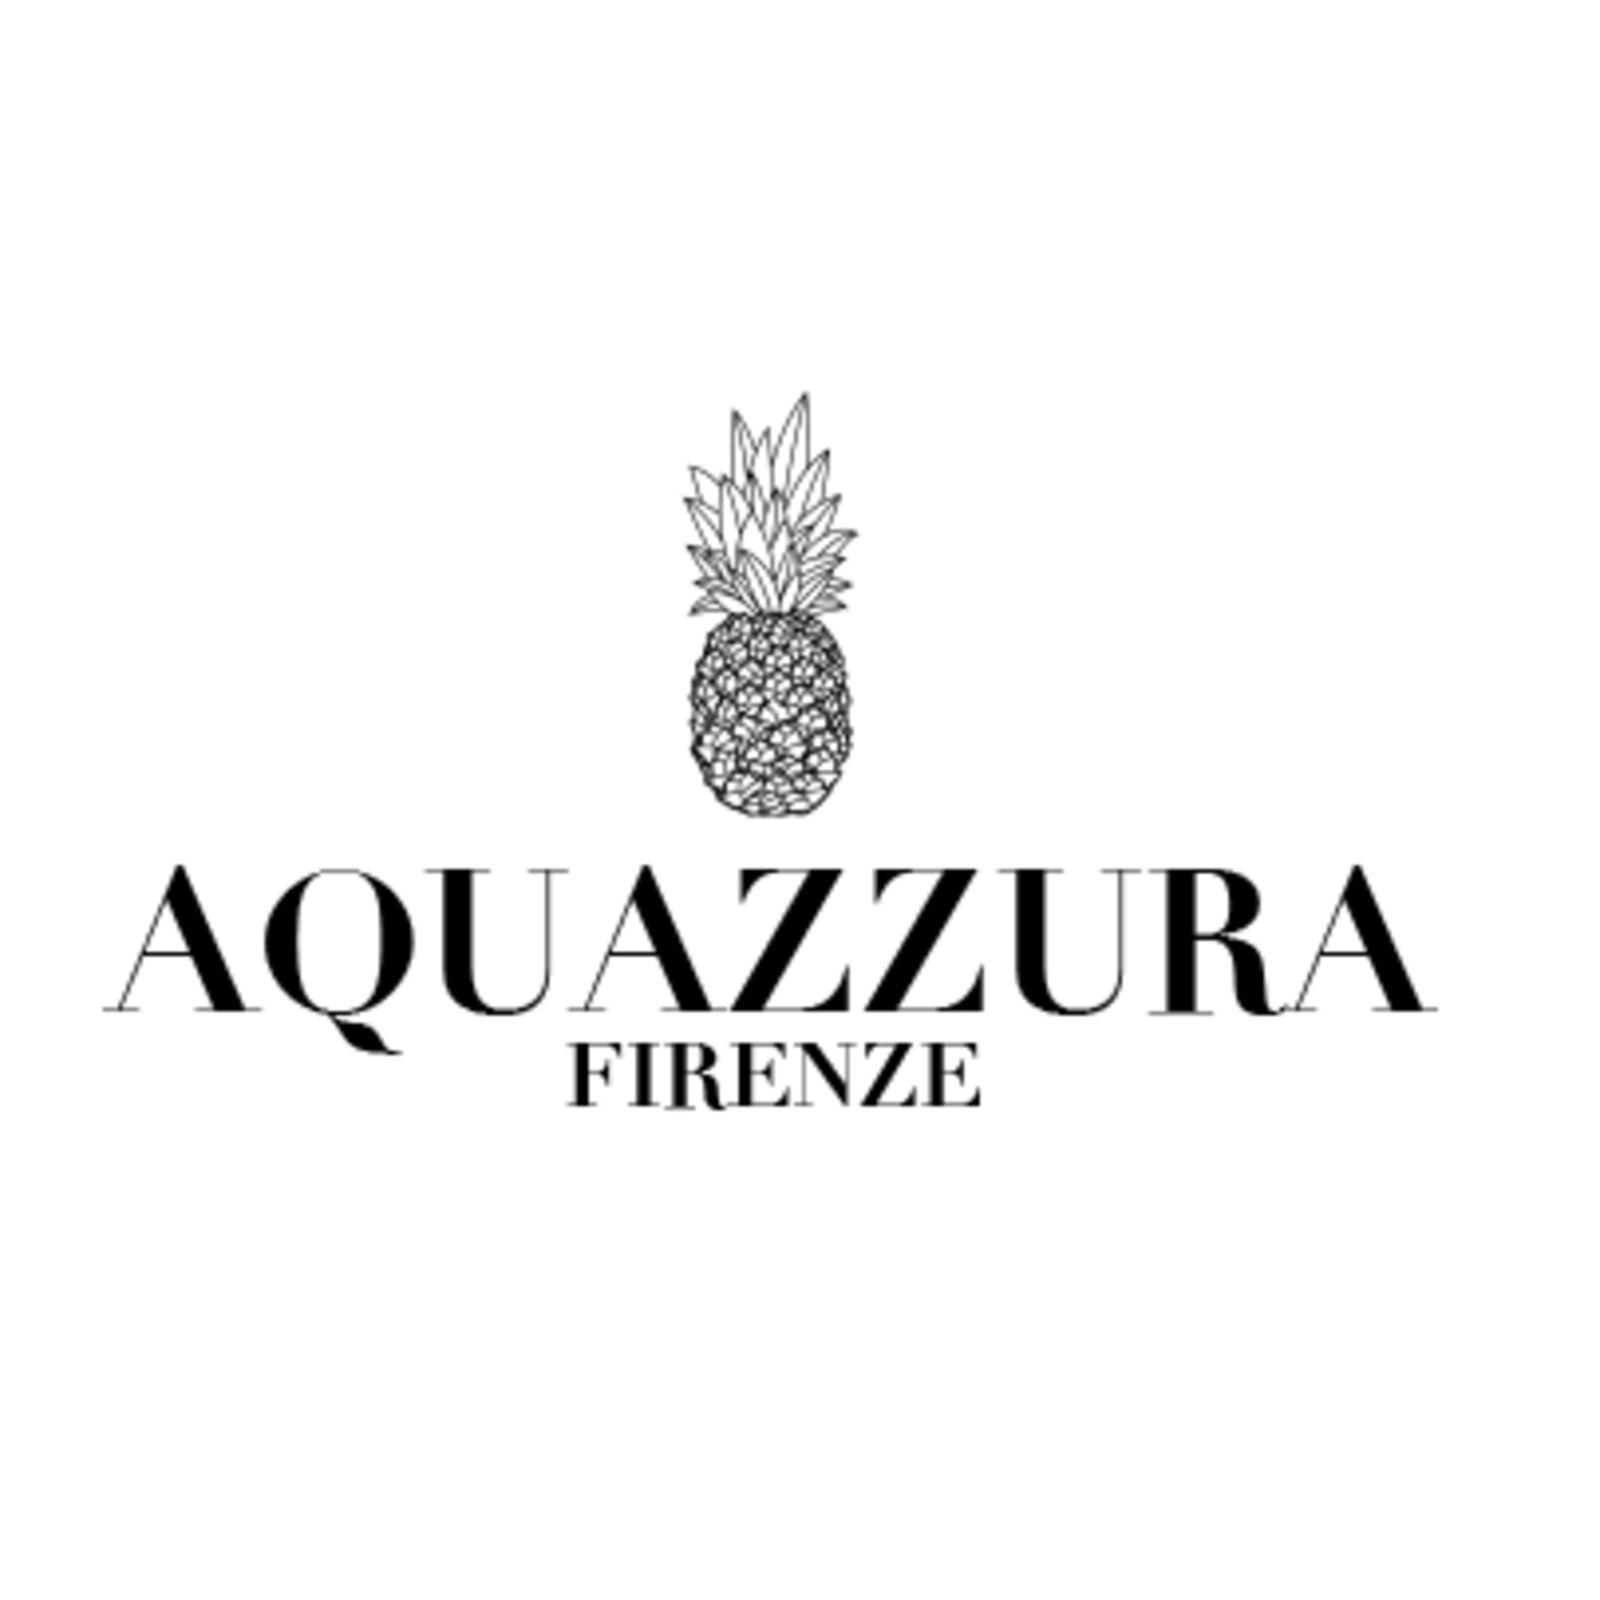 AQUAZZURA (Изображение 1)